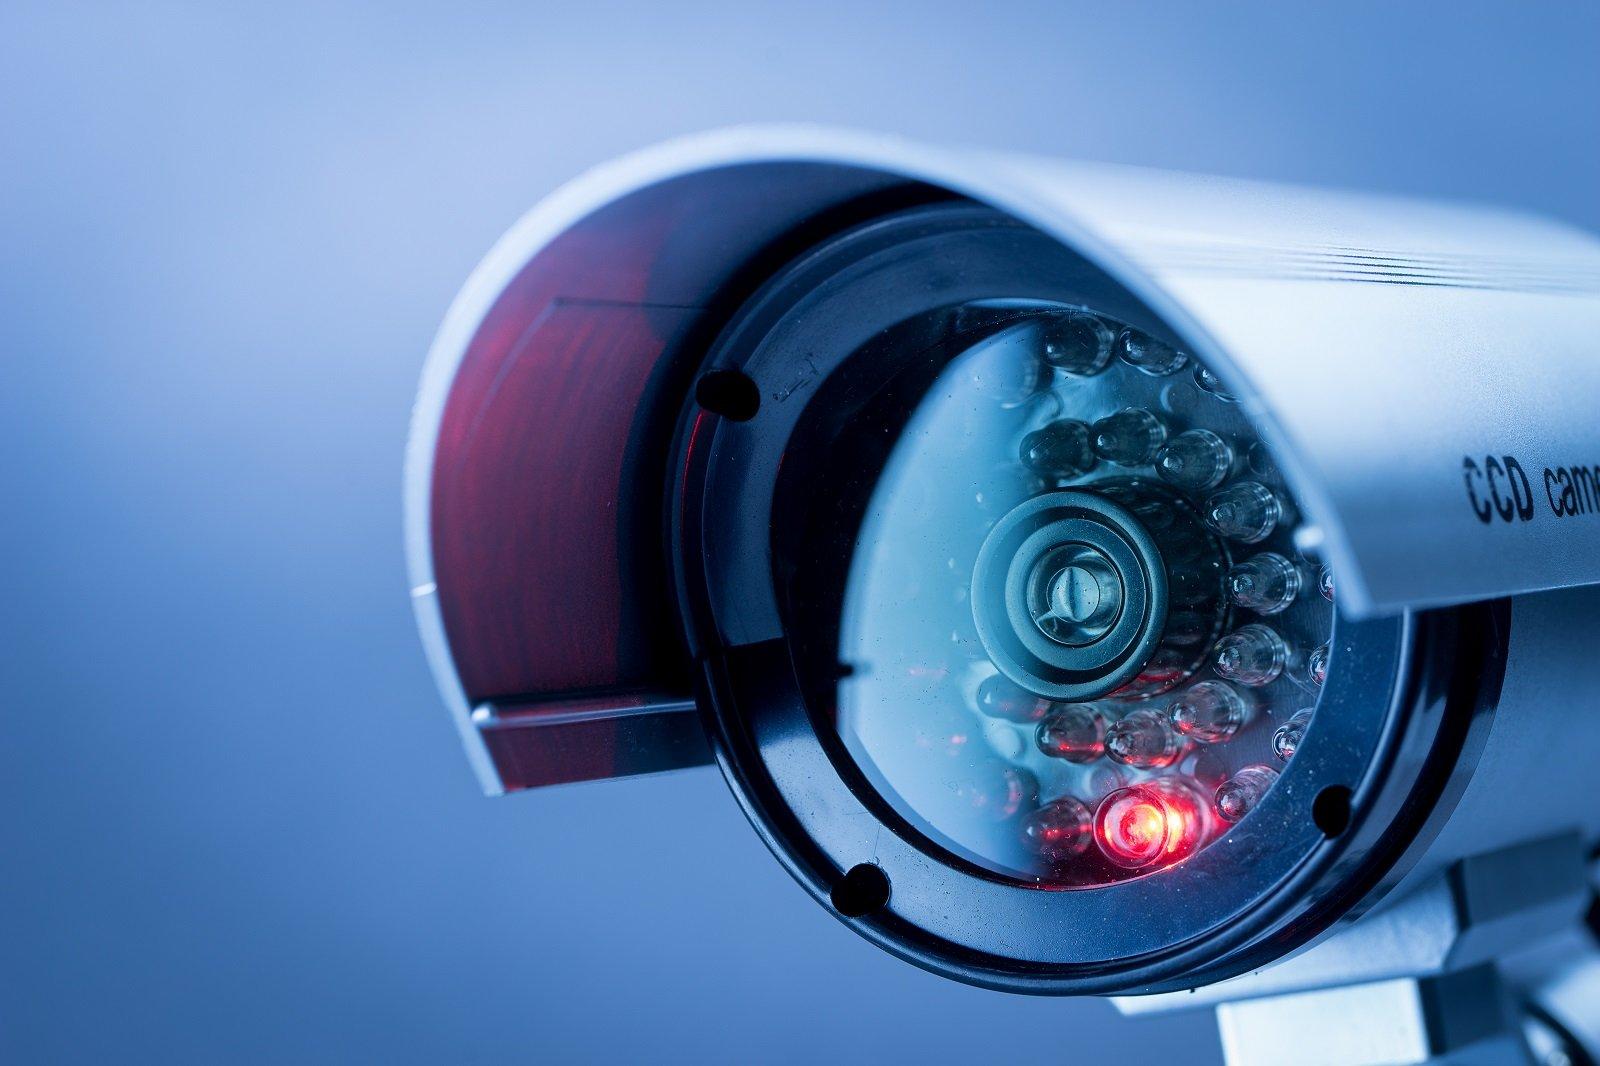 Telecamera di sicurezza a circuito chiuso